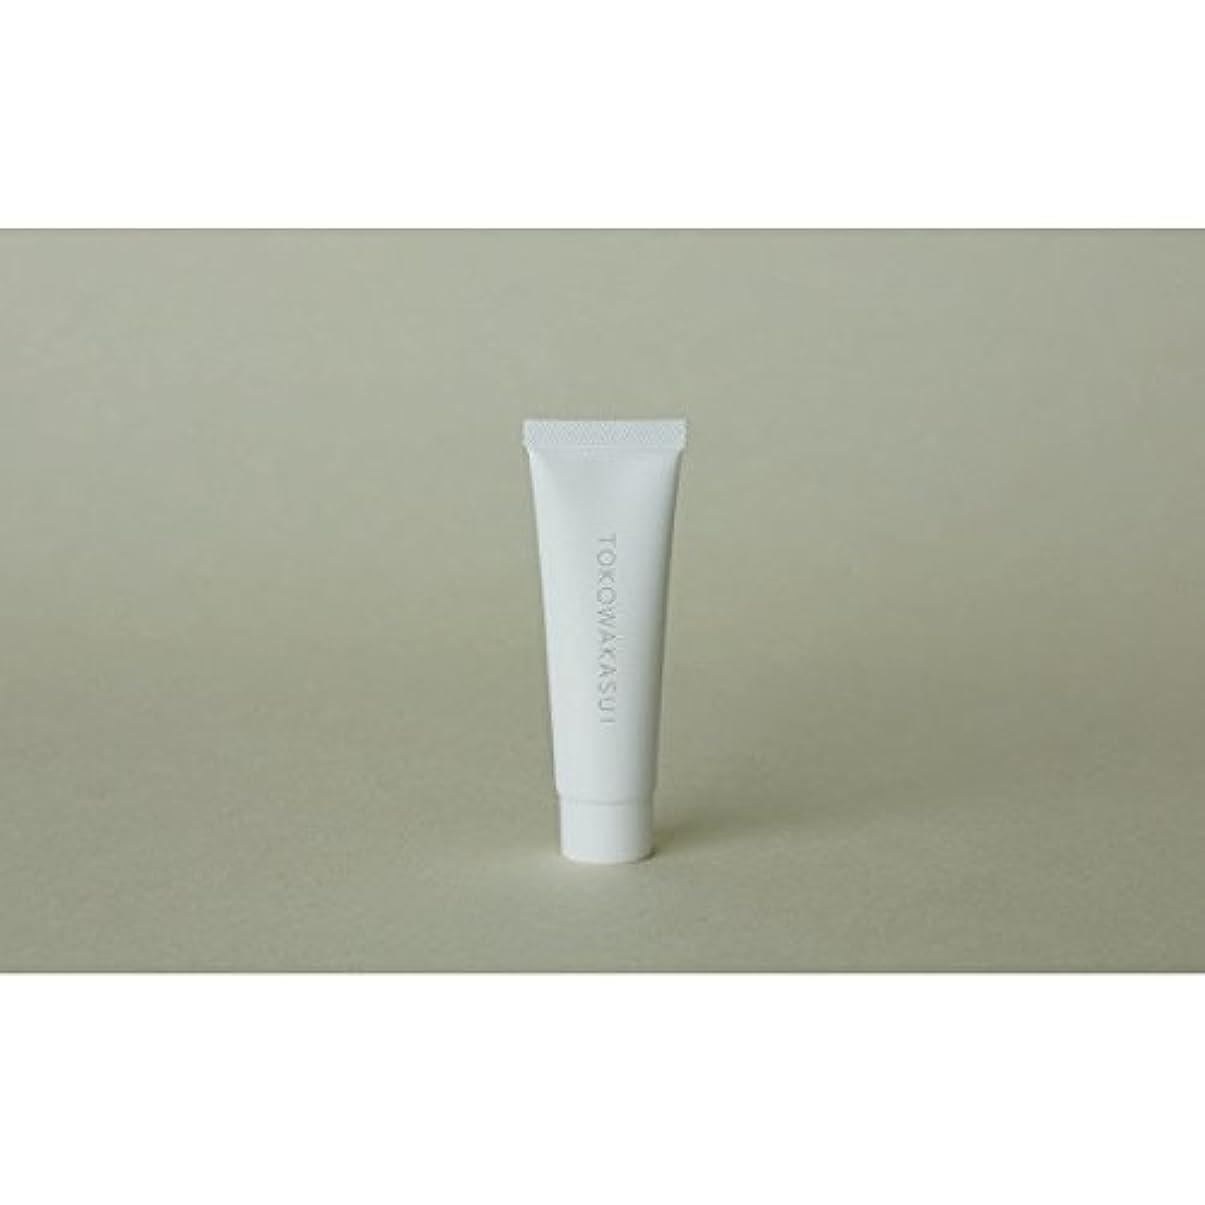 季節乳製品クラックポットTOKOWAKASUI モイスチュアフォーム?ミニ<洗顔料>